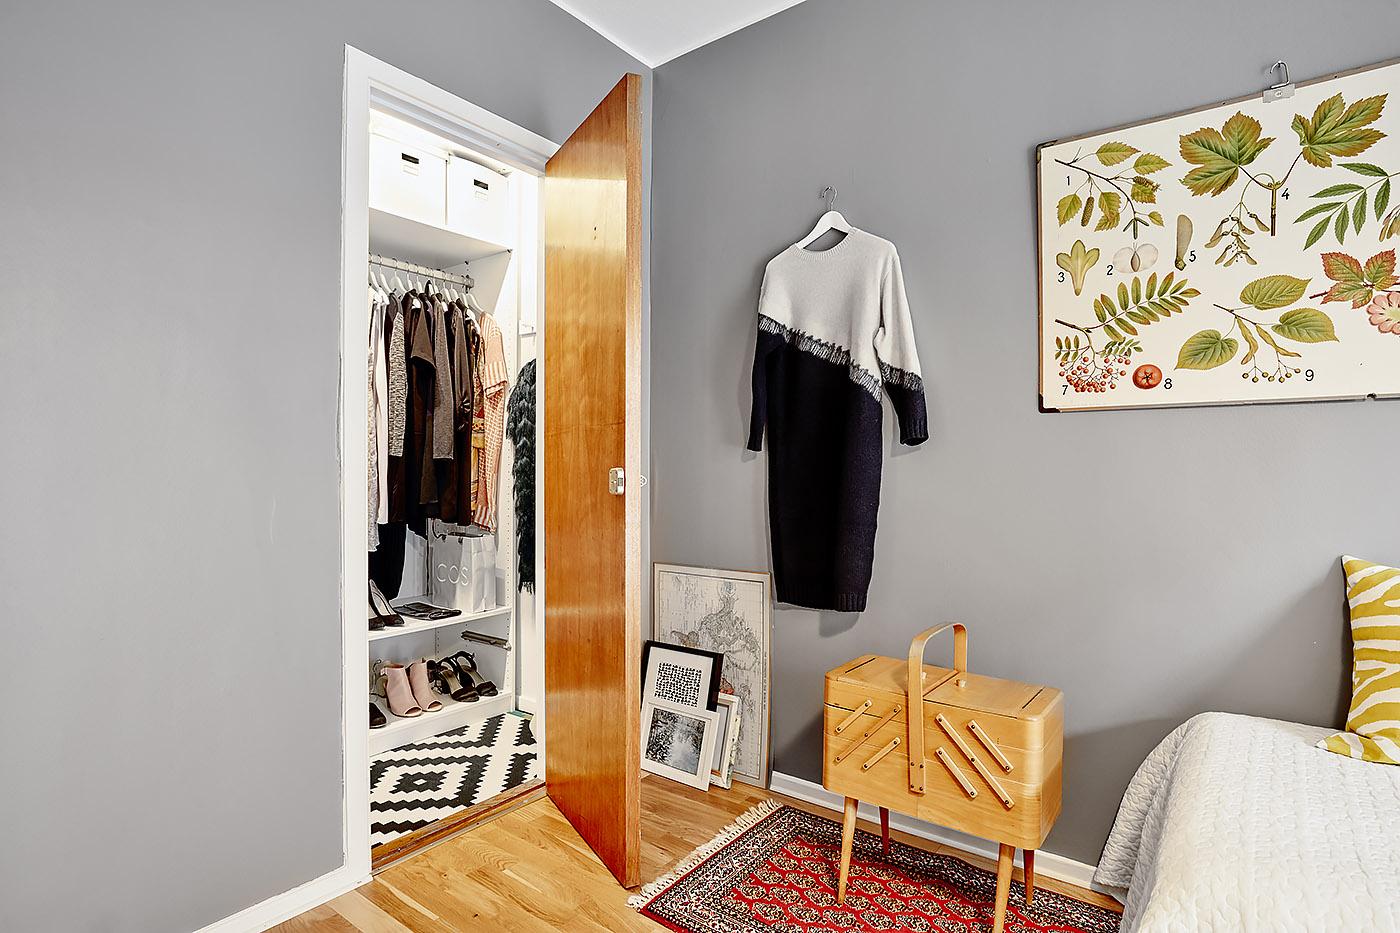 Habitaciones juveniles de estilo n rdico blog tienda - Estilo escandinavo decoracion ...